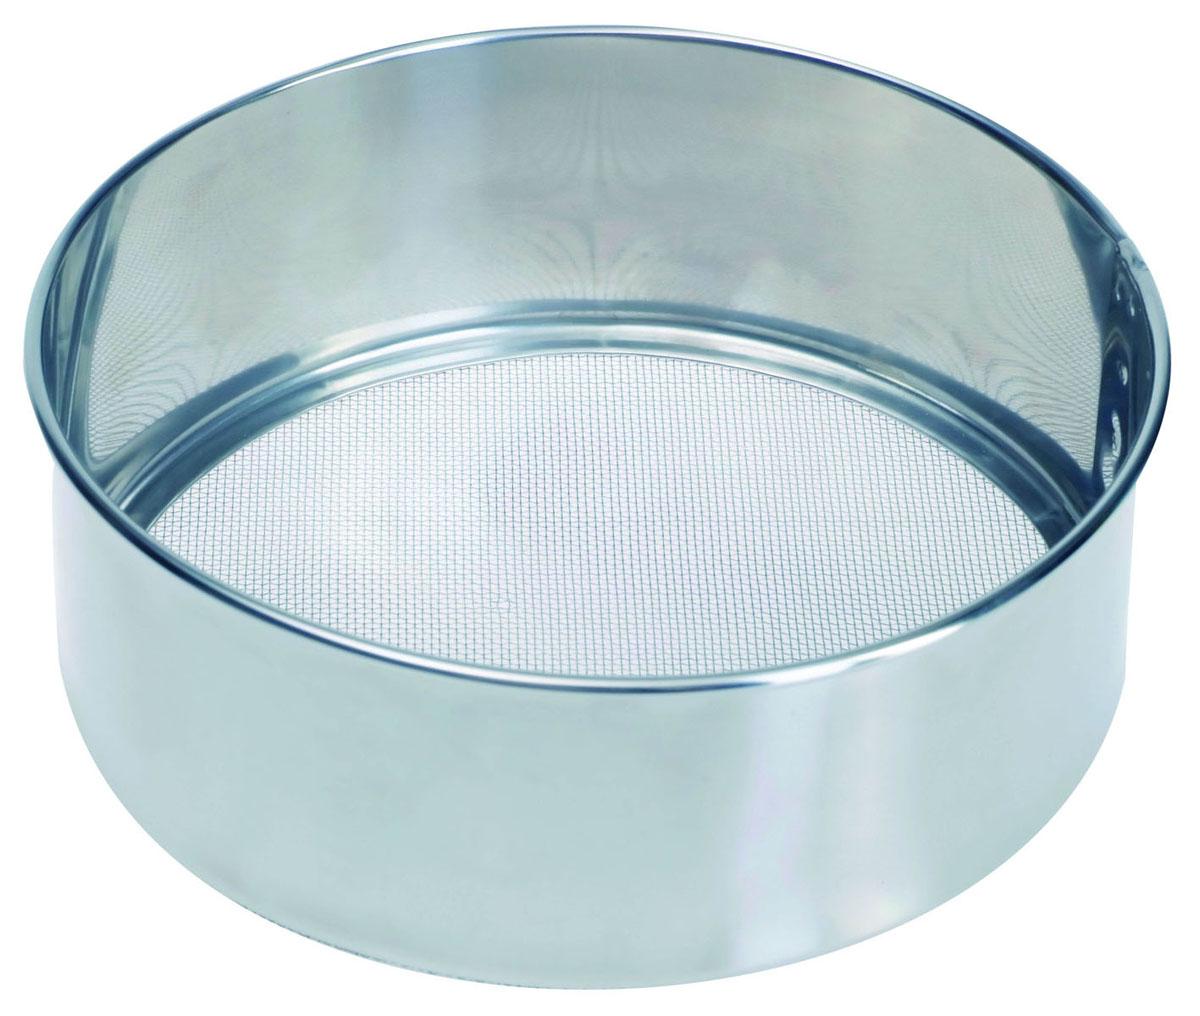 Сито Pronto. Диаметр 16 см93-PRO-32-16Сито Linea Pronto, выполненное из высококачественной нержавеющей стали, станет незаменимым аксессуаром на вашей кухне. Оно предназначено для просеивания муки и процеживания. Прочная стальная сетка и корпус обеспечивают изделию износостойкость и долговечность. Такое сито станет достойным дополнением к кухонному инвентарю.